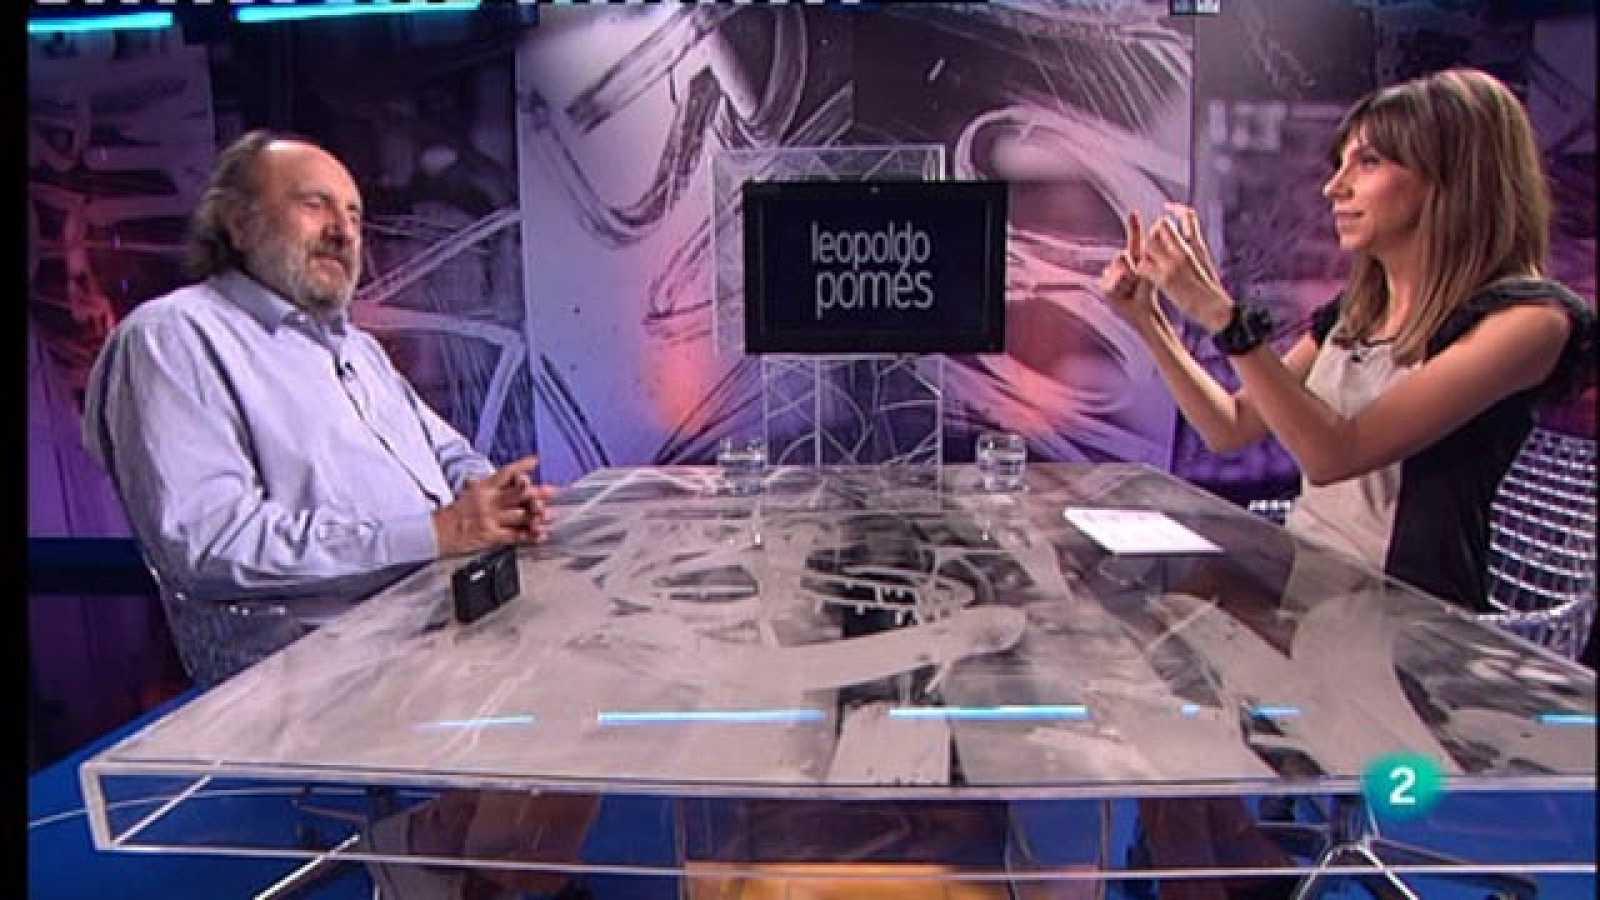 Gent de paraula - Leopoldo Pomés - 13/06/2012